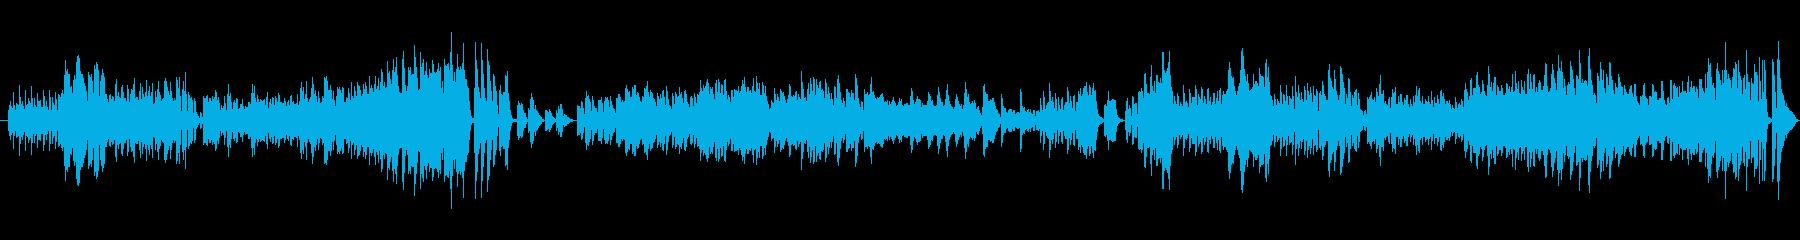 ドビュッシーの小組曲第四番バレエの再生済みの波形